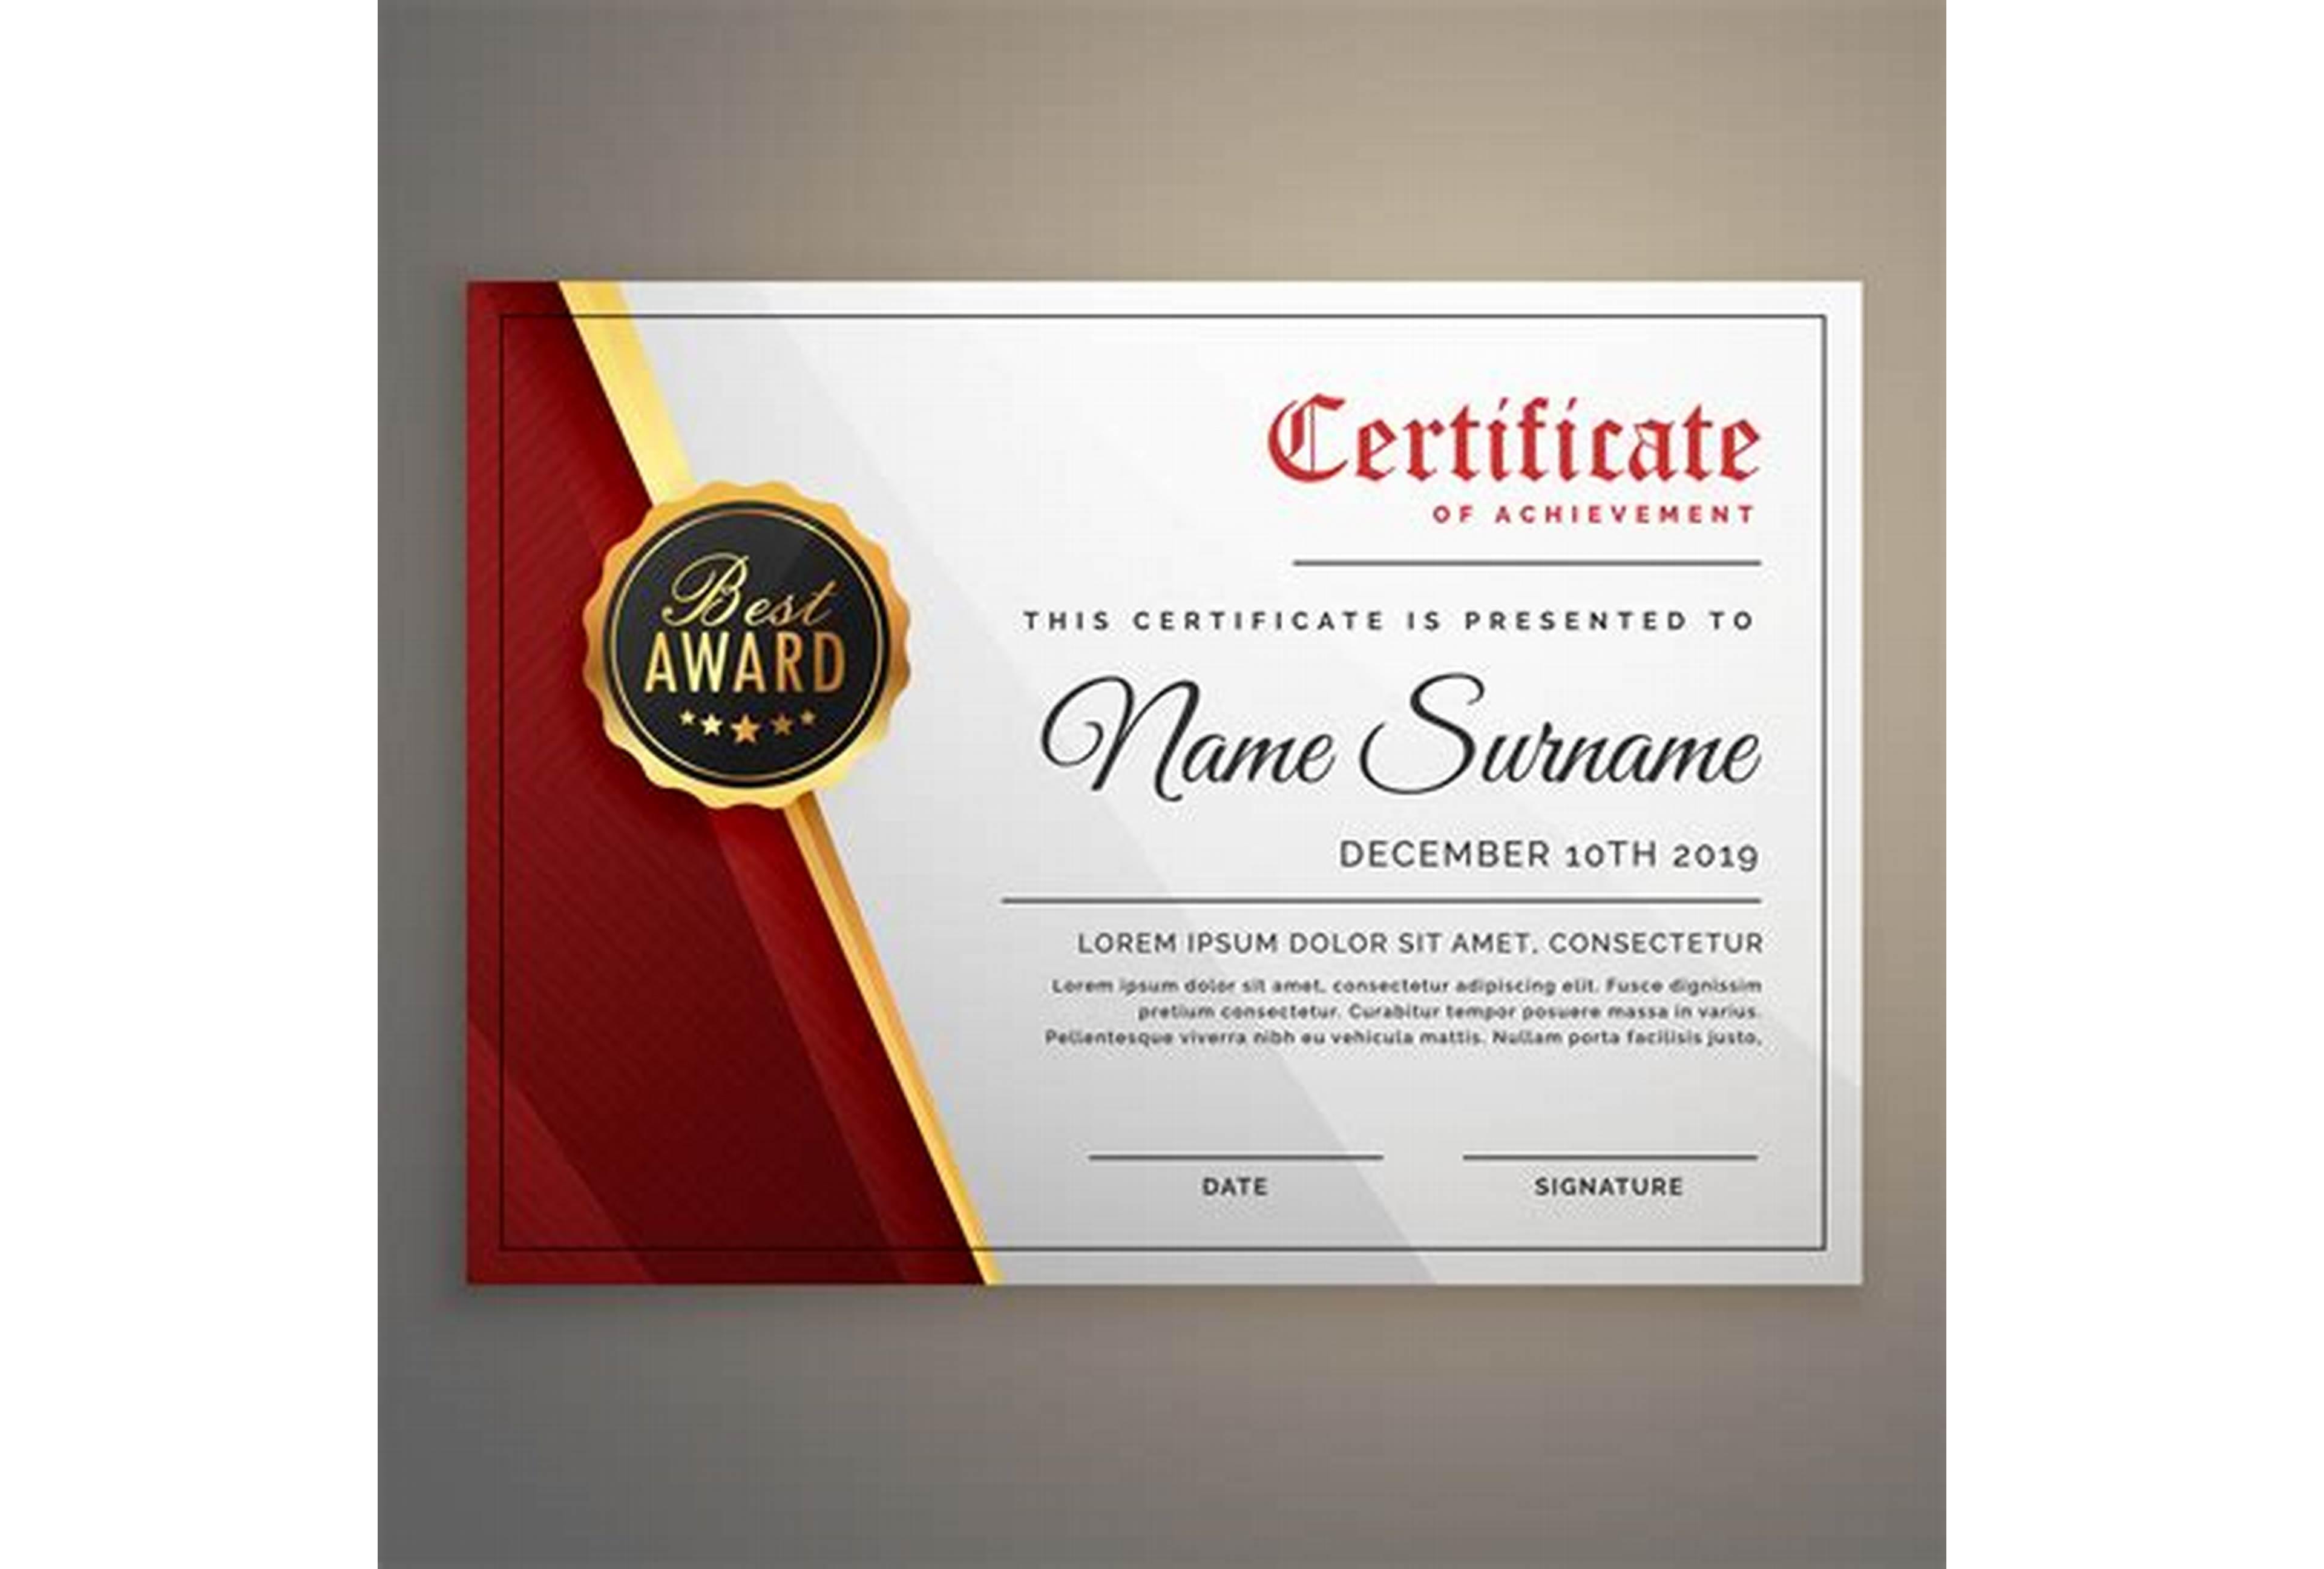 Award Certificate Design Template 5